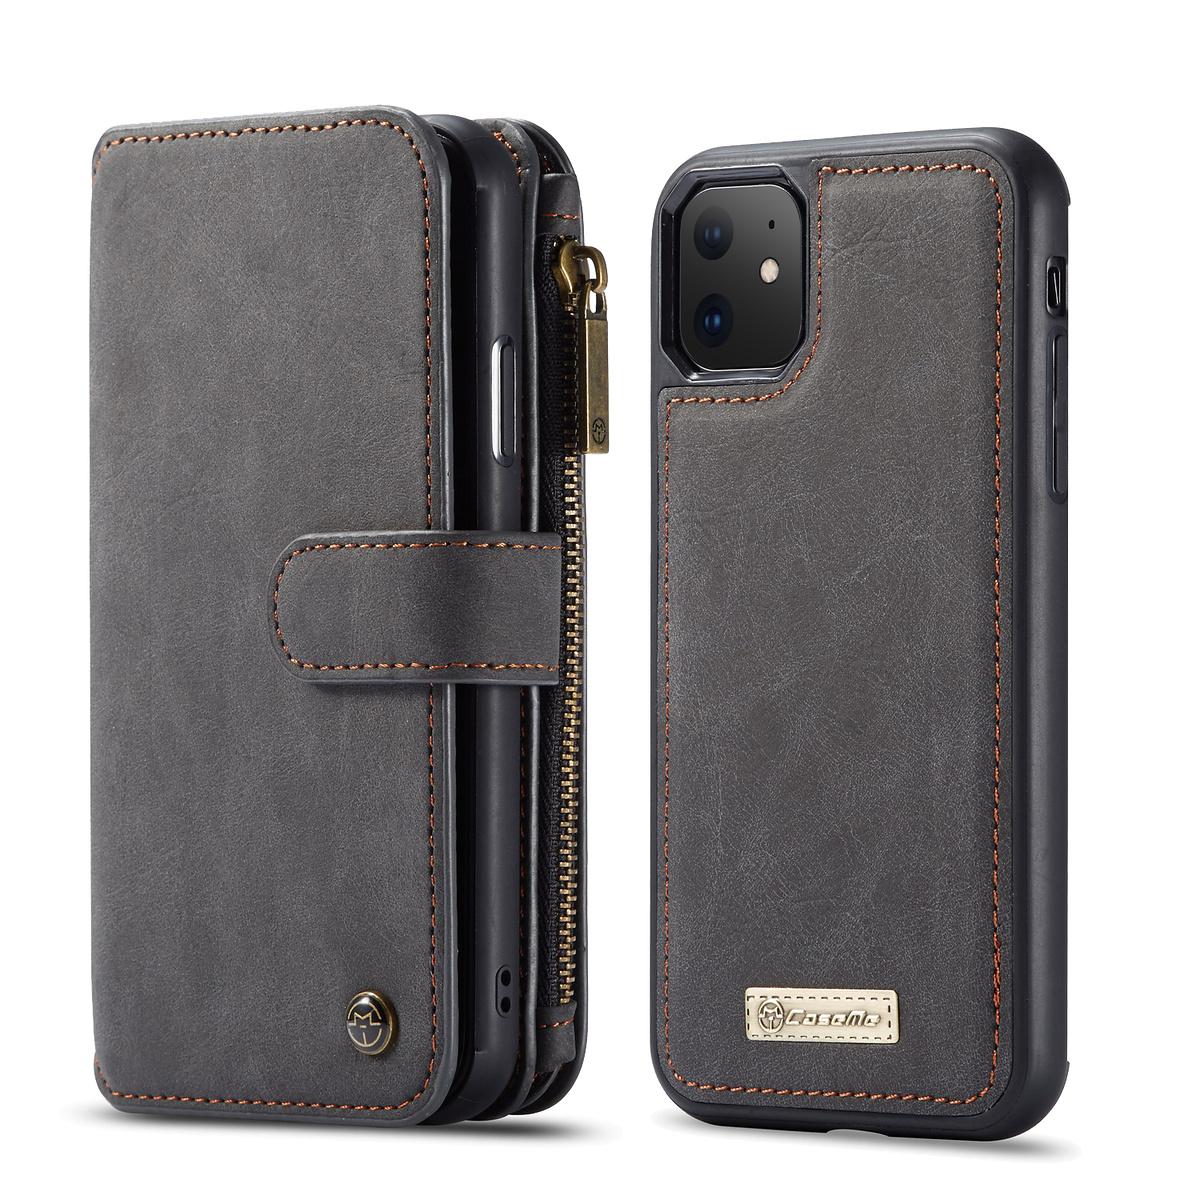 CaseMe plånboksfodral med magnetskal till iPhone 11, svart